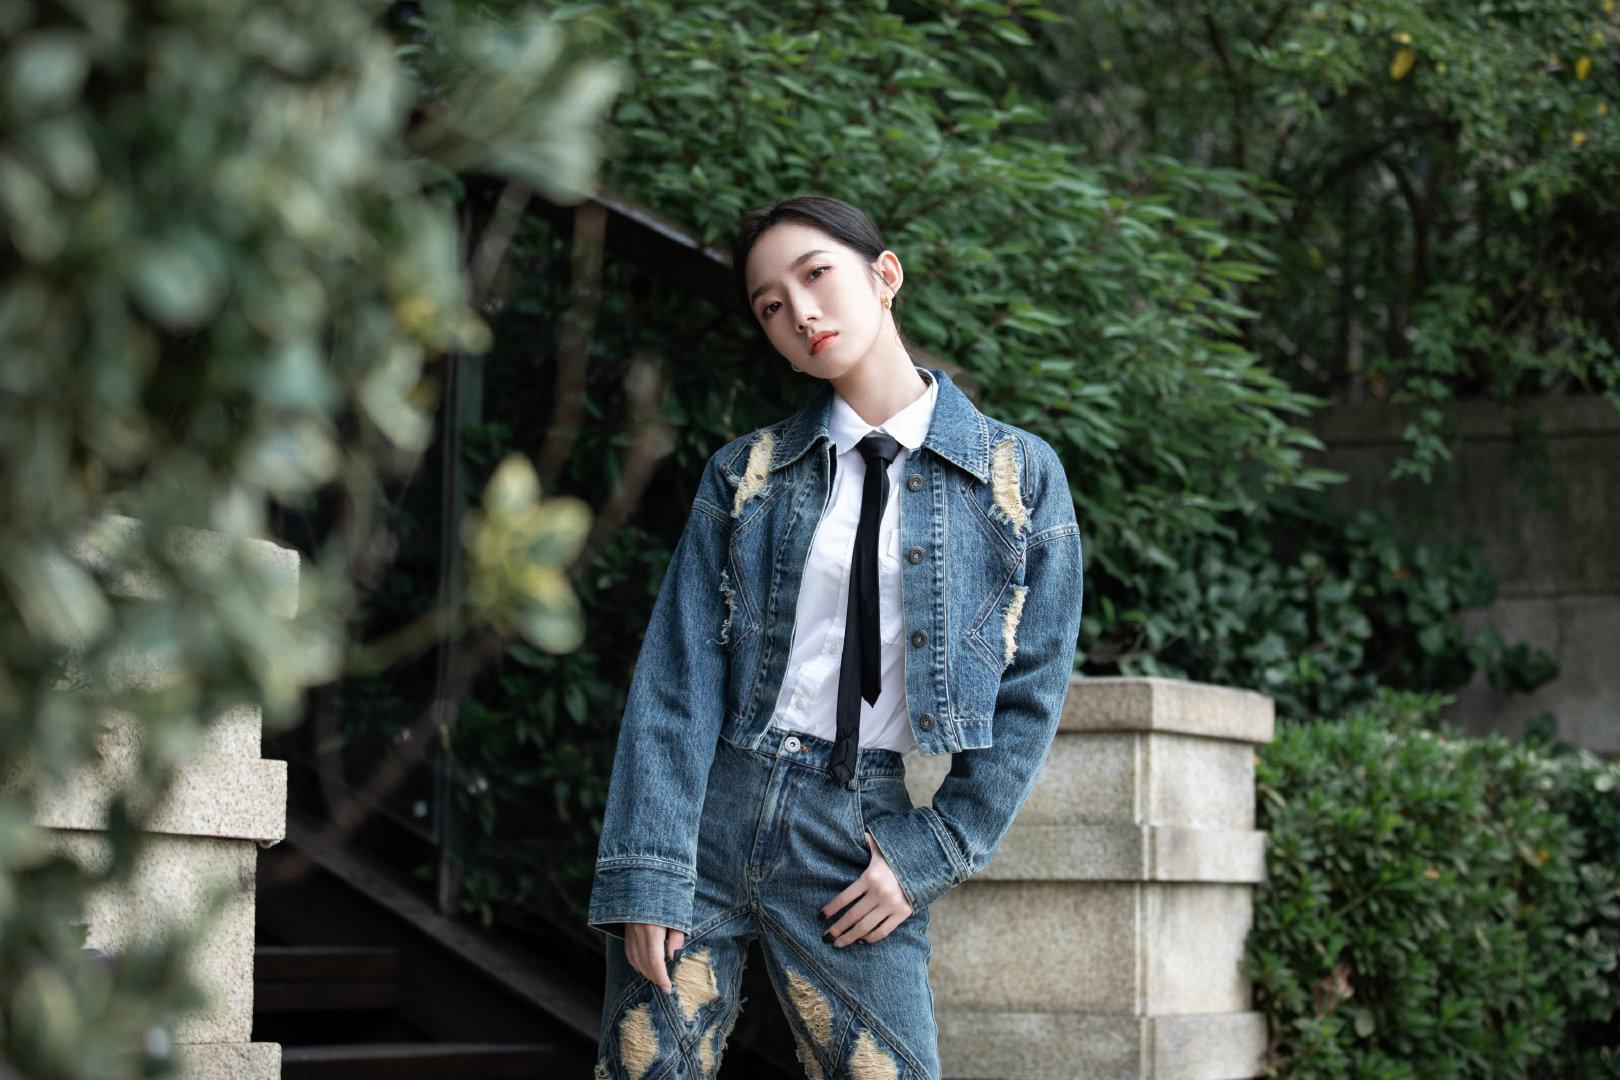 26日,出席杭州活动的孟美岐,身穿牛仔外套内搭白衬衫和黑色领带